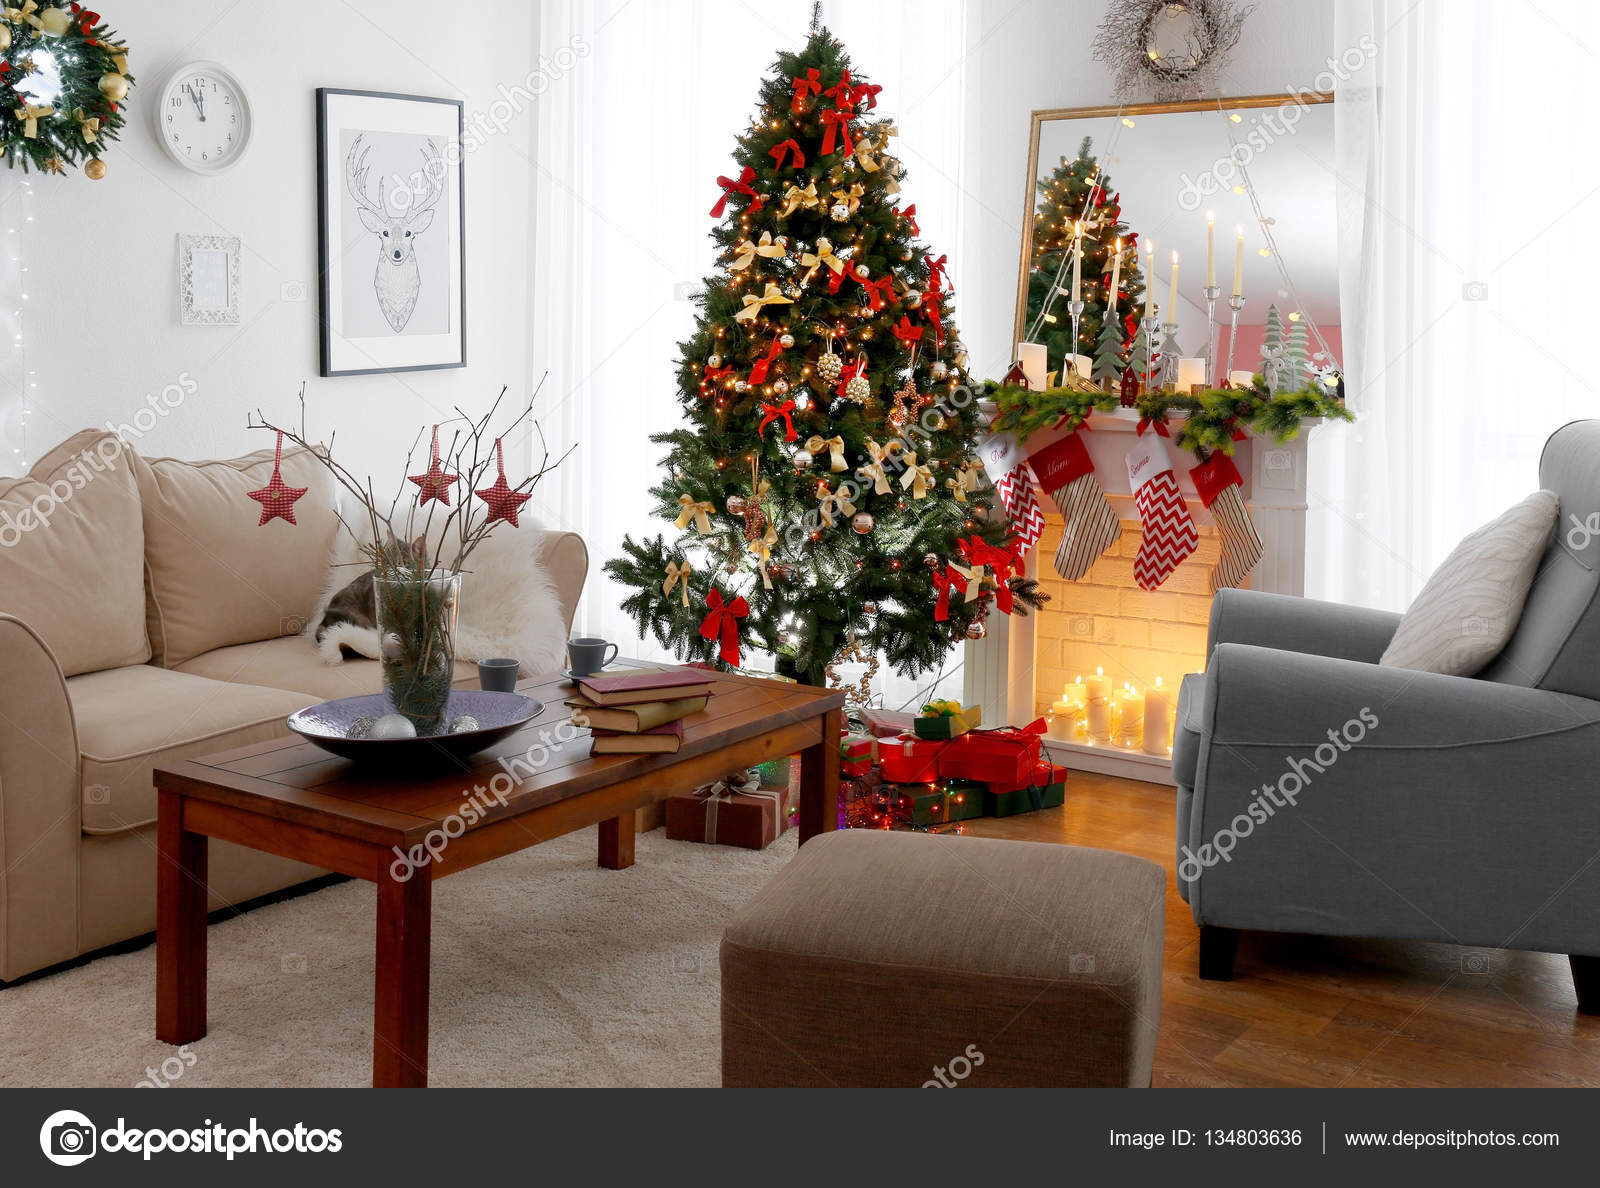 https://st3.depositphotos.com/1177973/13480/i/1600/depositphotos_134803636-stockafbeelding-interieur-van-de-prachtige-woonkamer.jpg